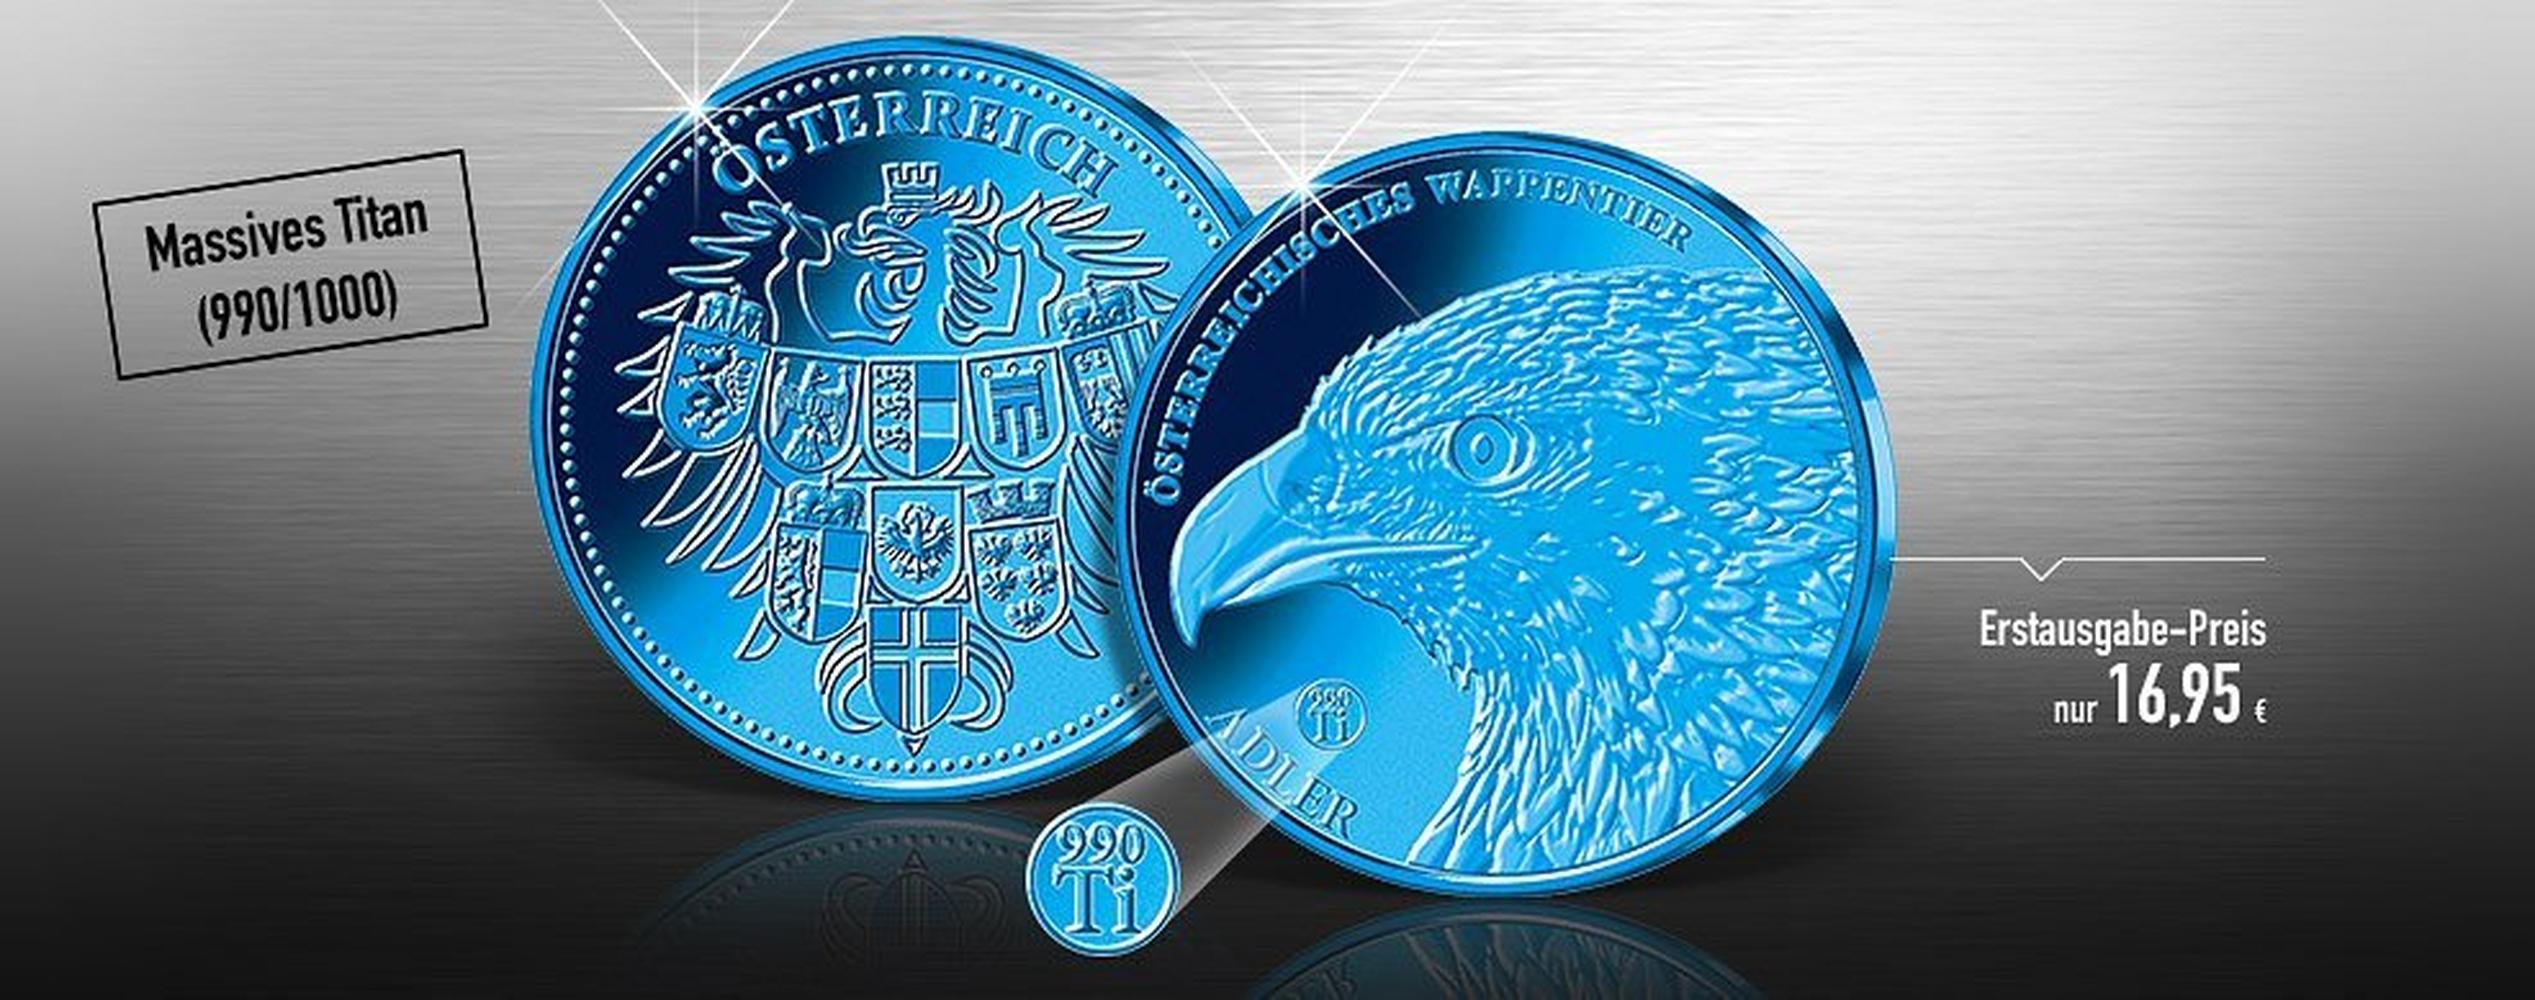 Sonder Prägung Aus Blauem Titan Zu Ehren Unseres Wappenadlers Imm